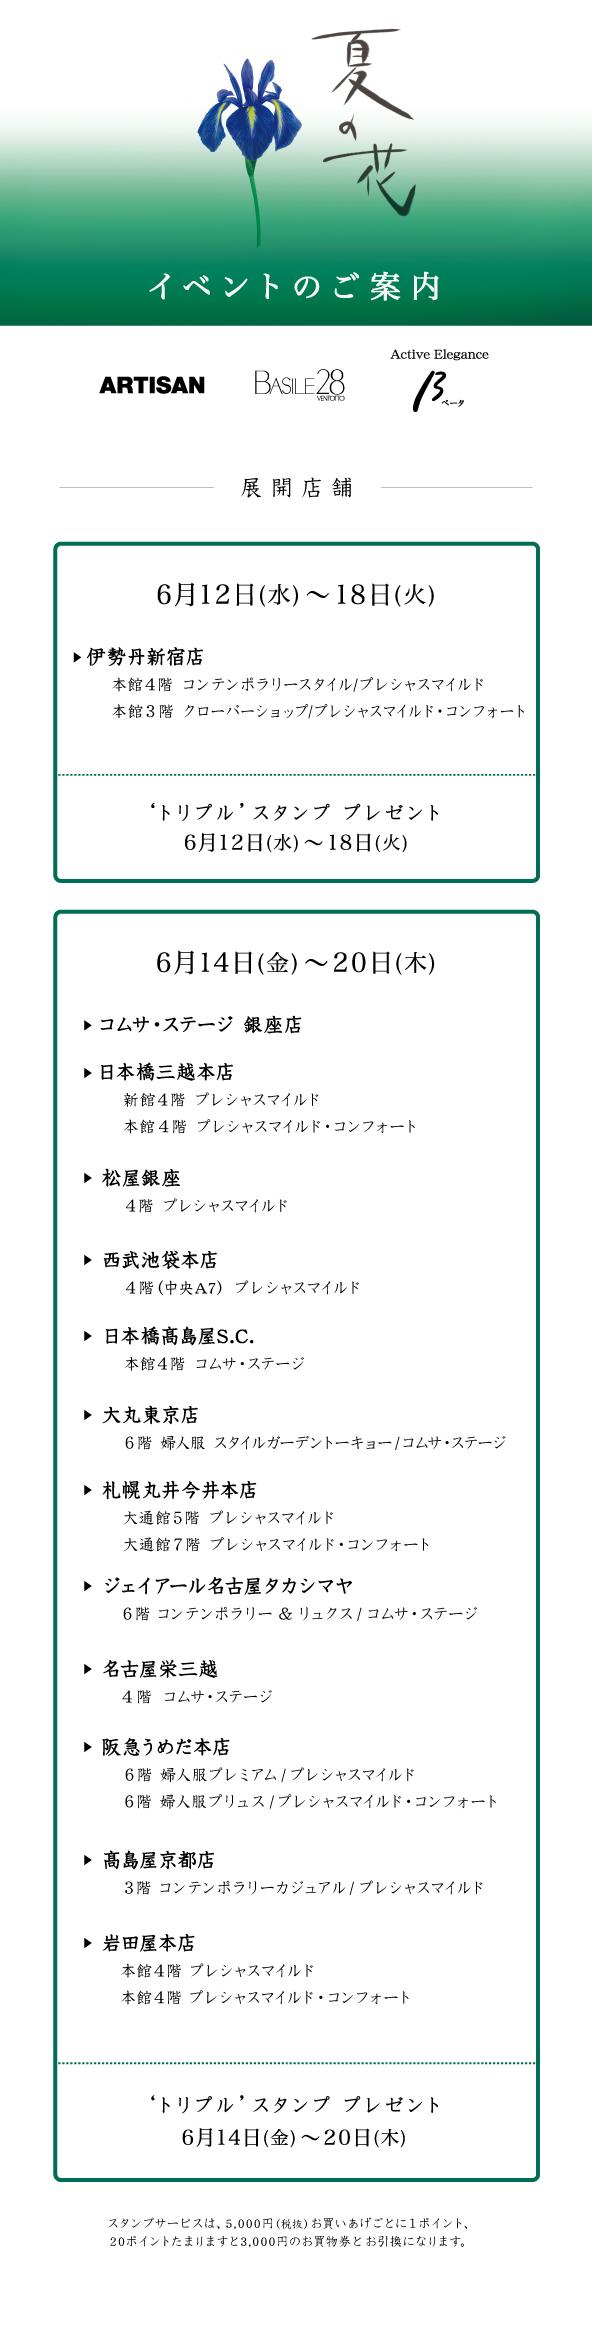 news_natunohana_info_otona_01.jpg